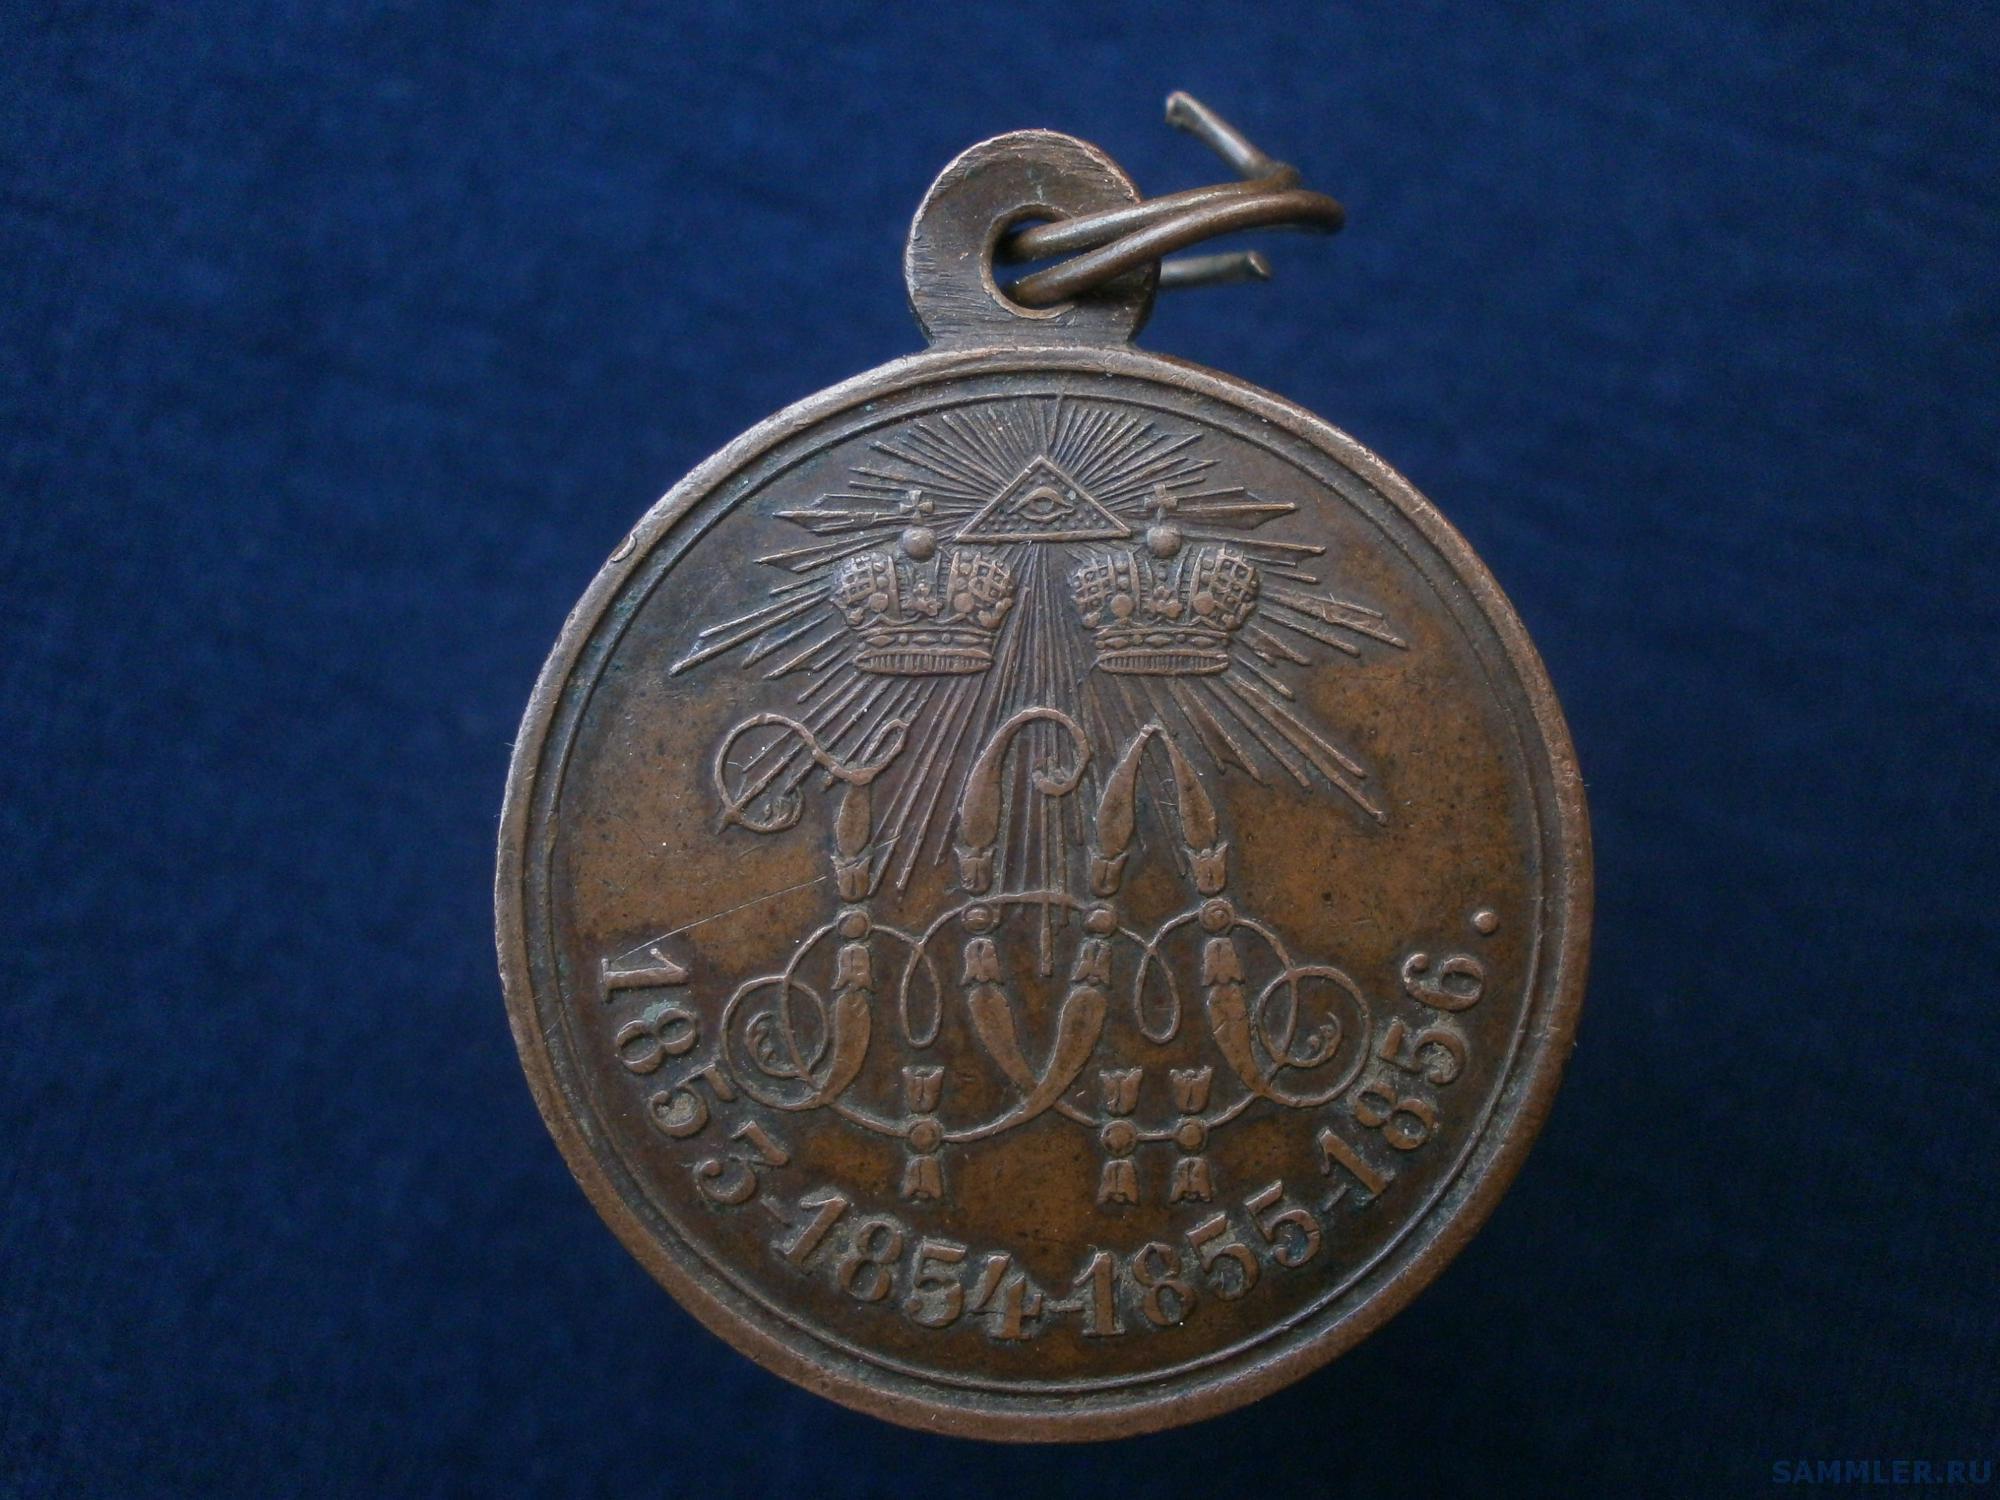 Медаль крымская война - медали крымской (восточной) войны 18.